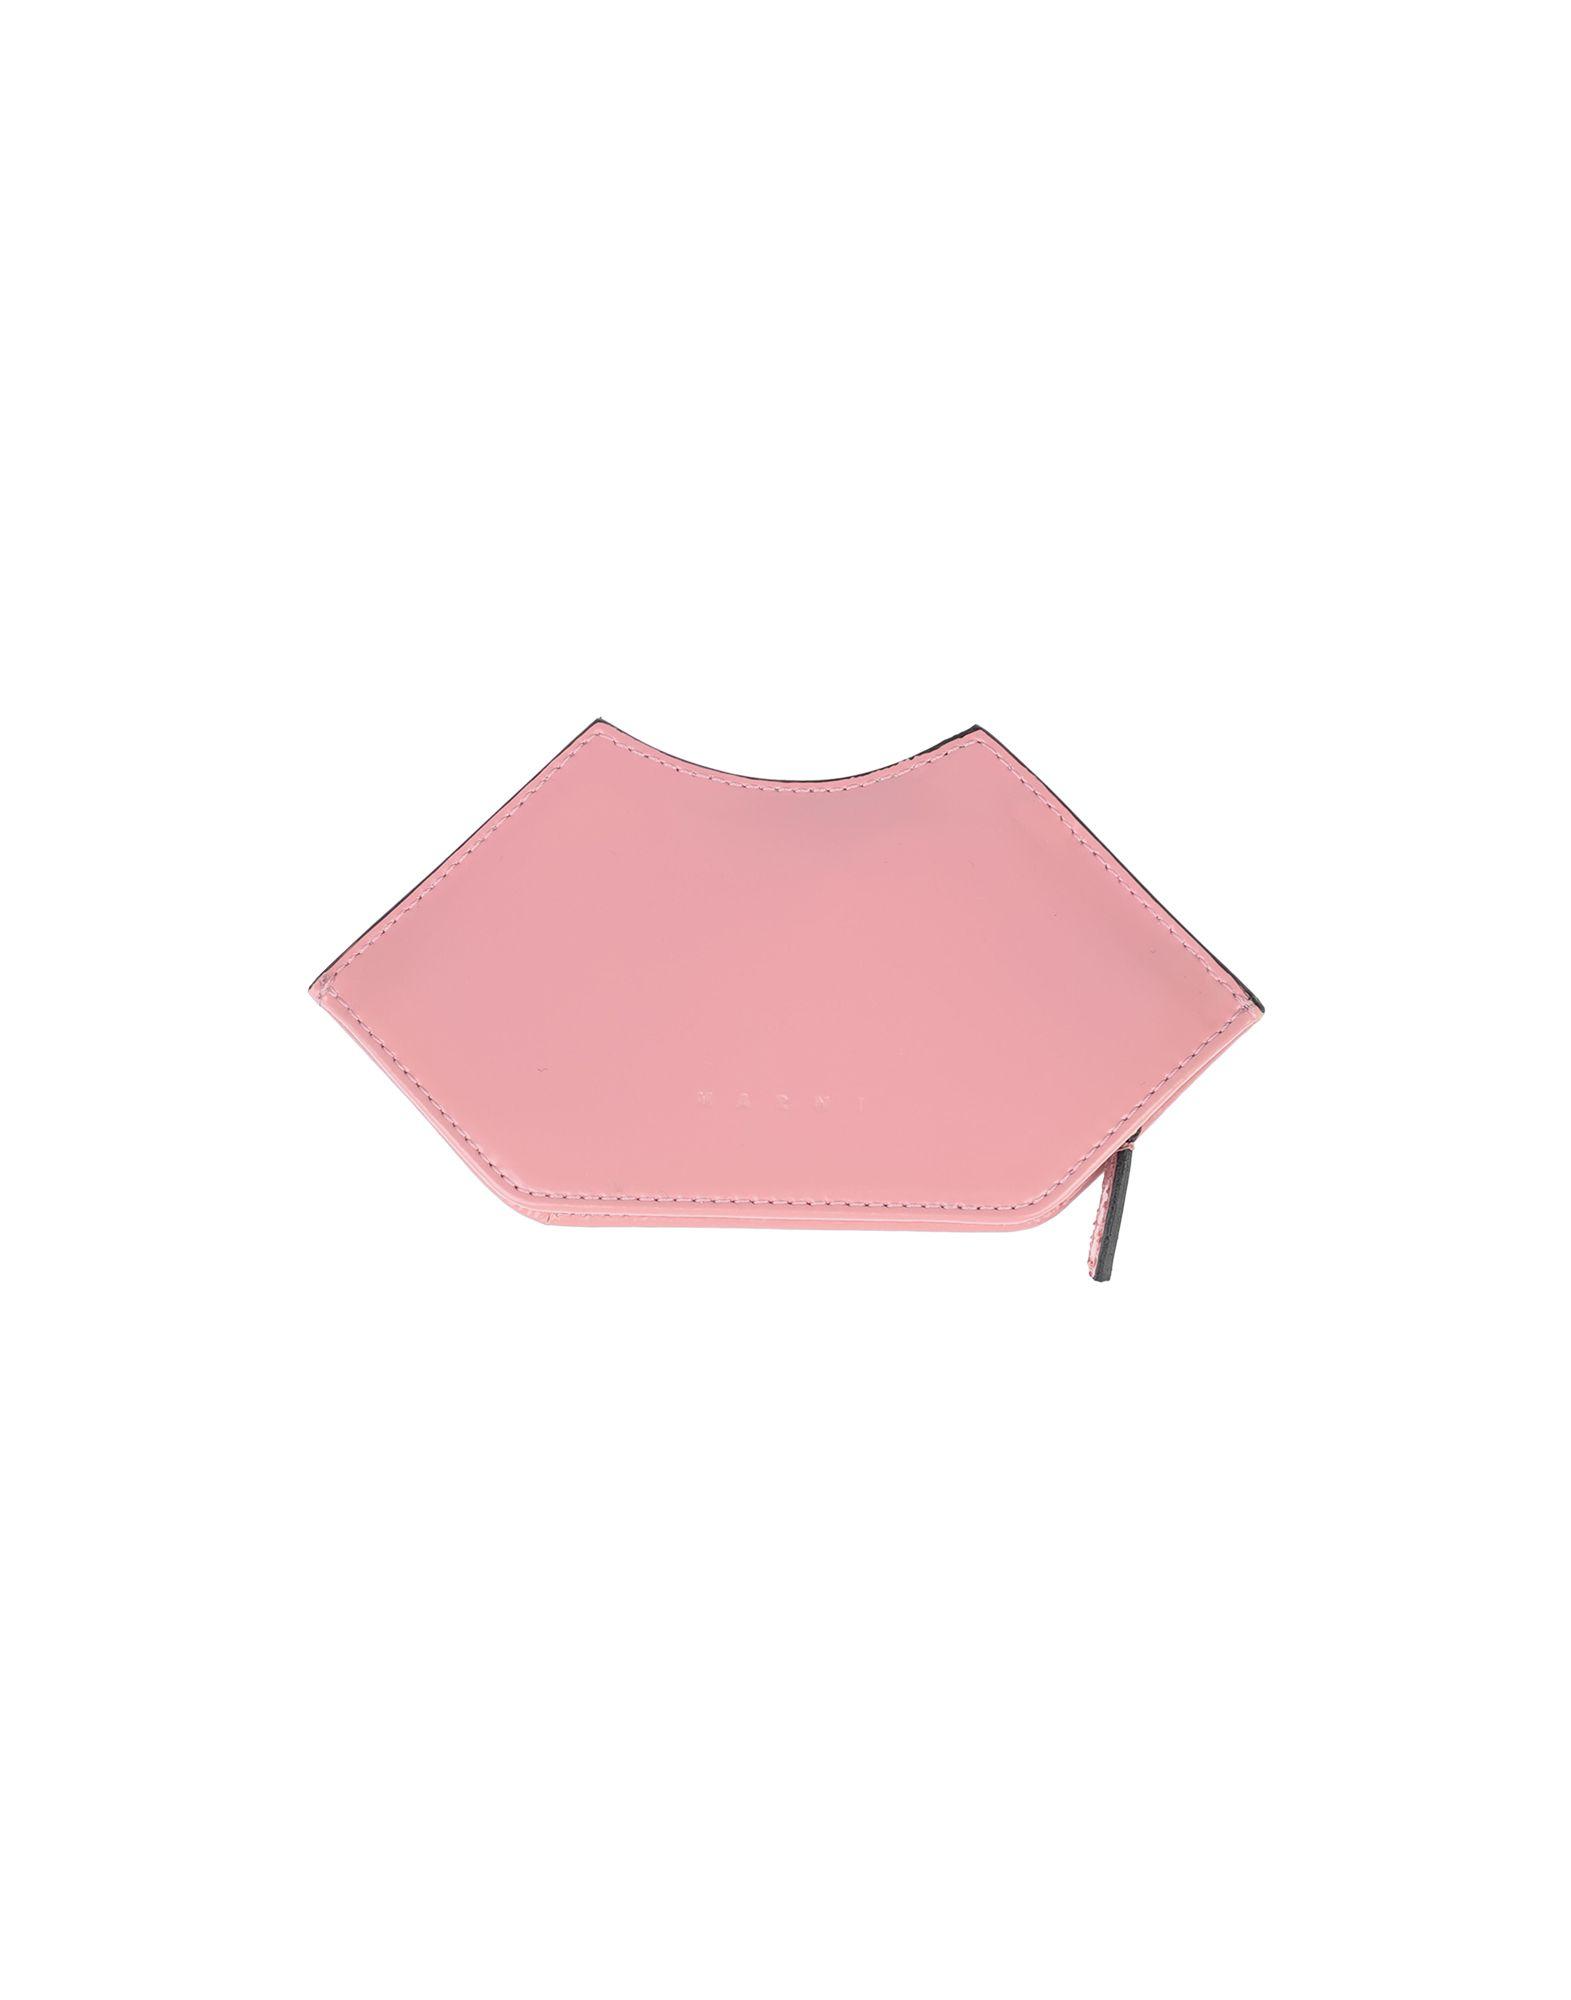 《セール開催中》MARNI レディース 小銭入れ ピンク 牛革 45% / コットン 25% / ポリウレタン 20% / 真鍮/ブラス 10%